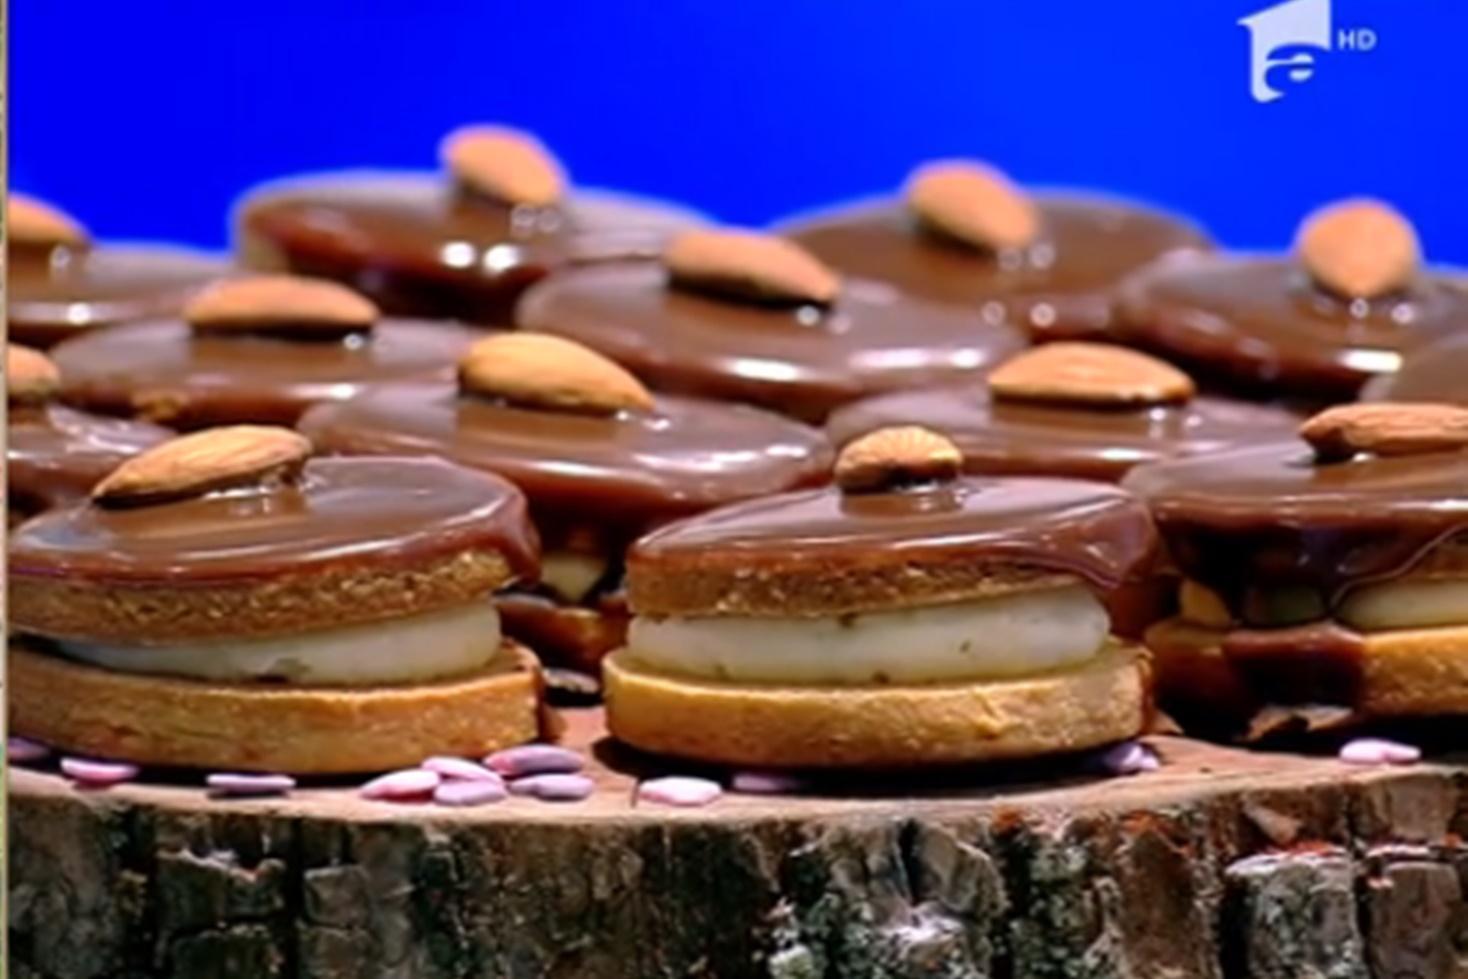 Rețetă de ișlere cu cremă de vanilie și glazură de ciocolată, preparată de Vlăduț la Neatza cu Răzvan și Dani